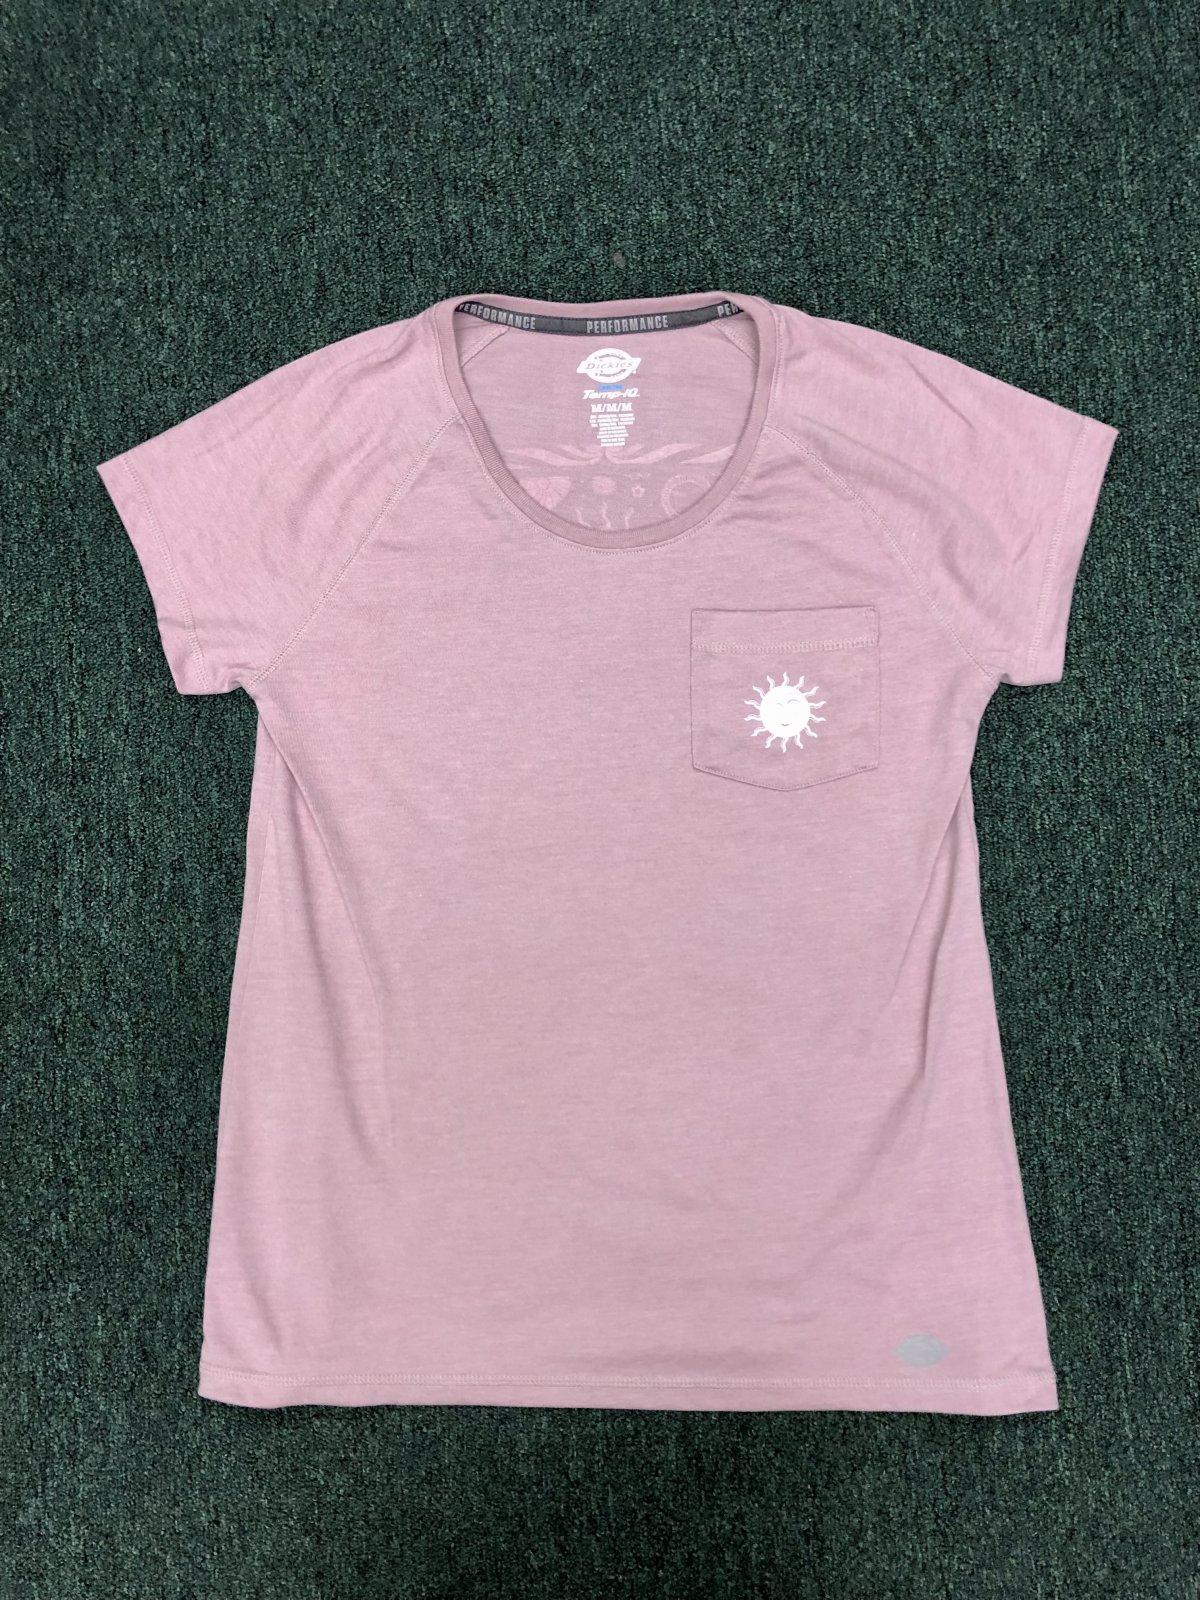 Pinewski's Shop Tee - Sun and Moon Women's T-Shirt